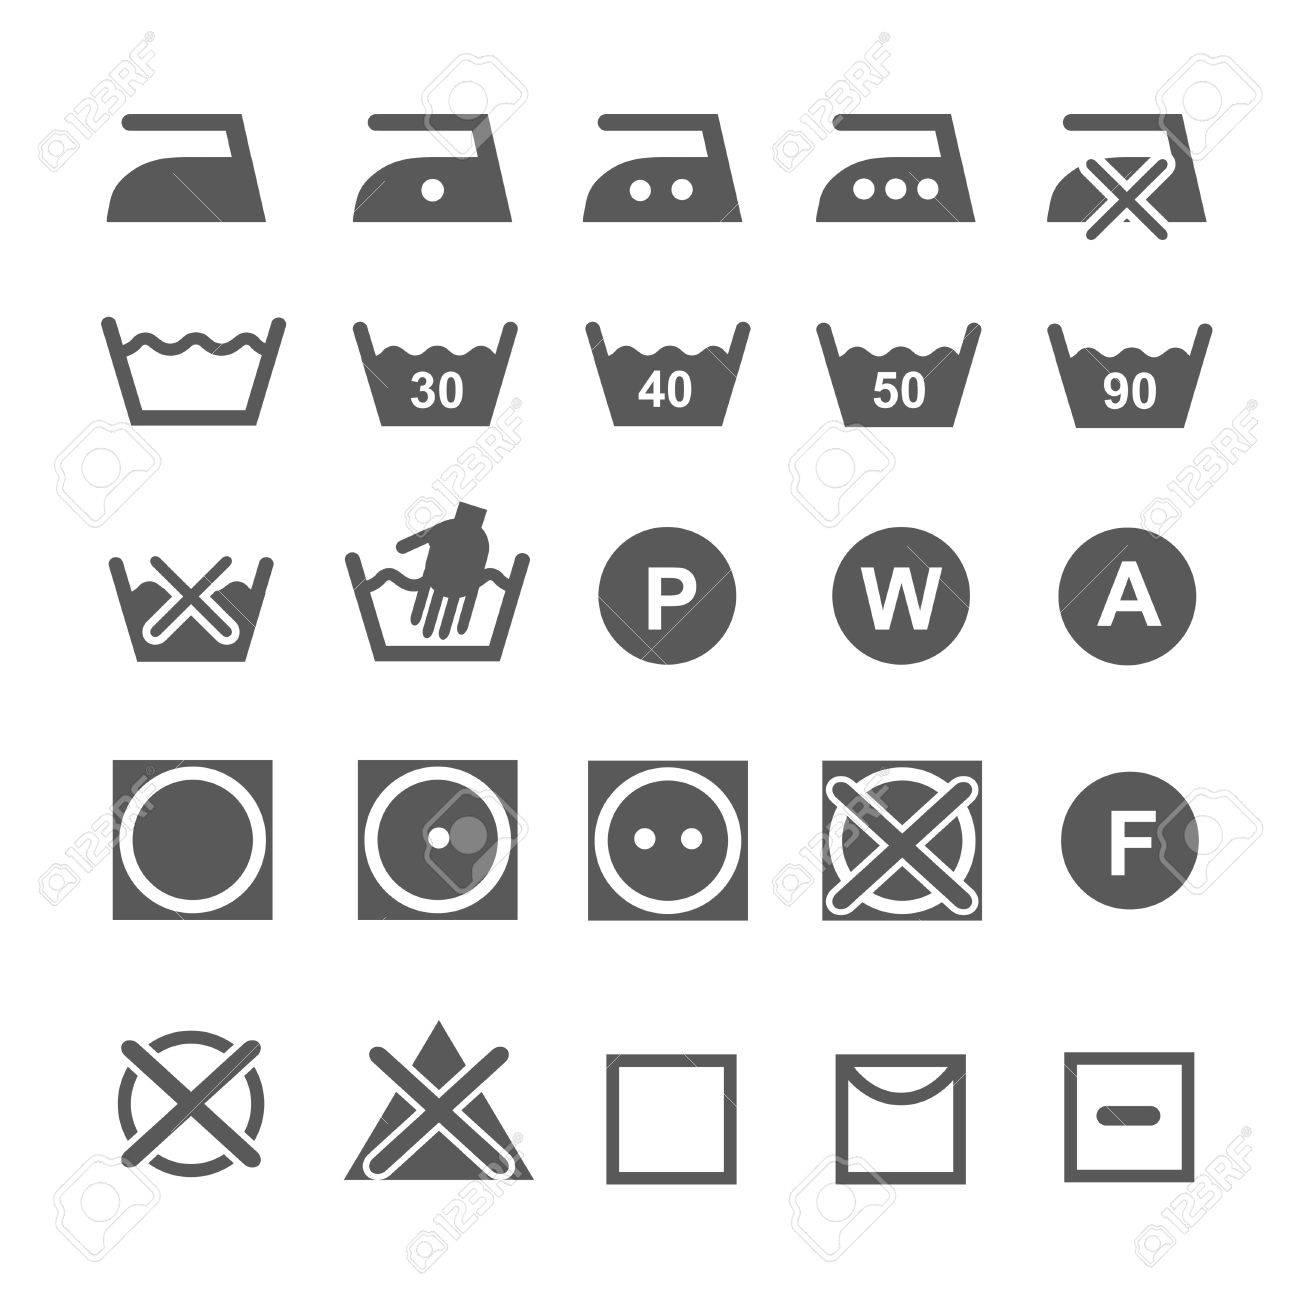 Set of washing symbols laundry icons isolated on white background set of washing symbols laundry icons isolated on white background stock photo 36956456 buycottarizona